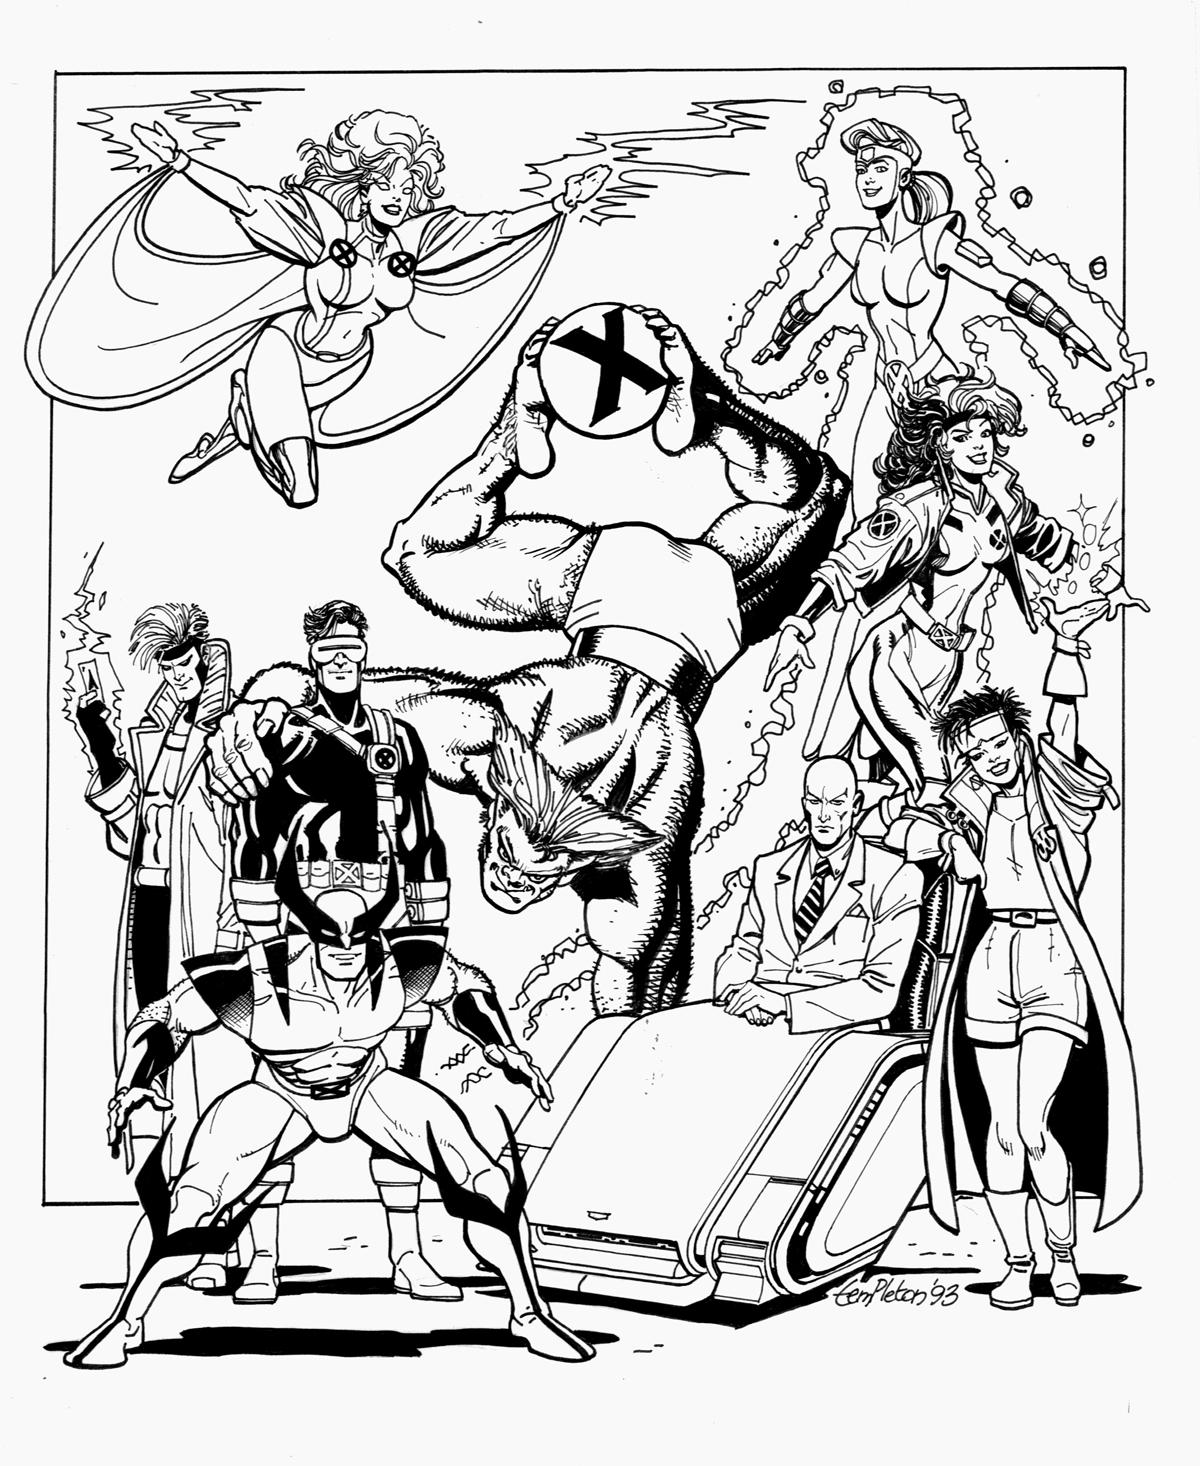 Les personnages des X Men dans un coloriage adulte : Wolverine, Magnéto, Professeur Xavier, Malicia, Mystique, Cyclope, Tornade, Dents-de-sabre...